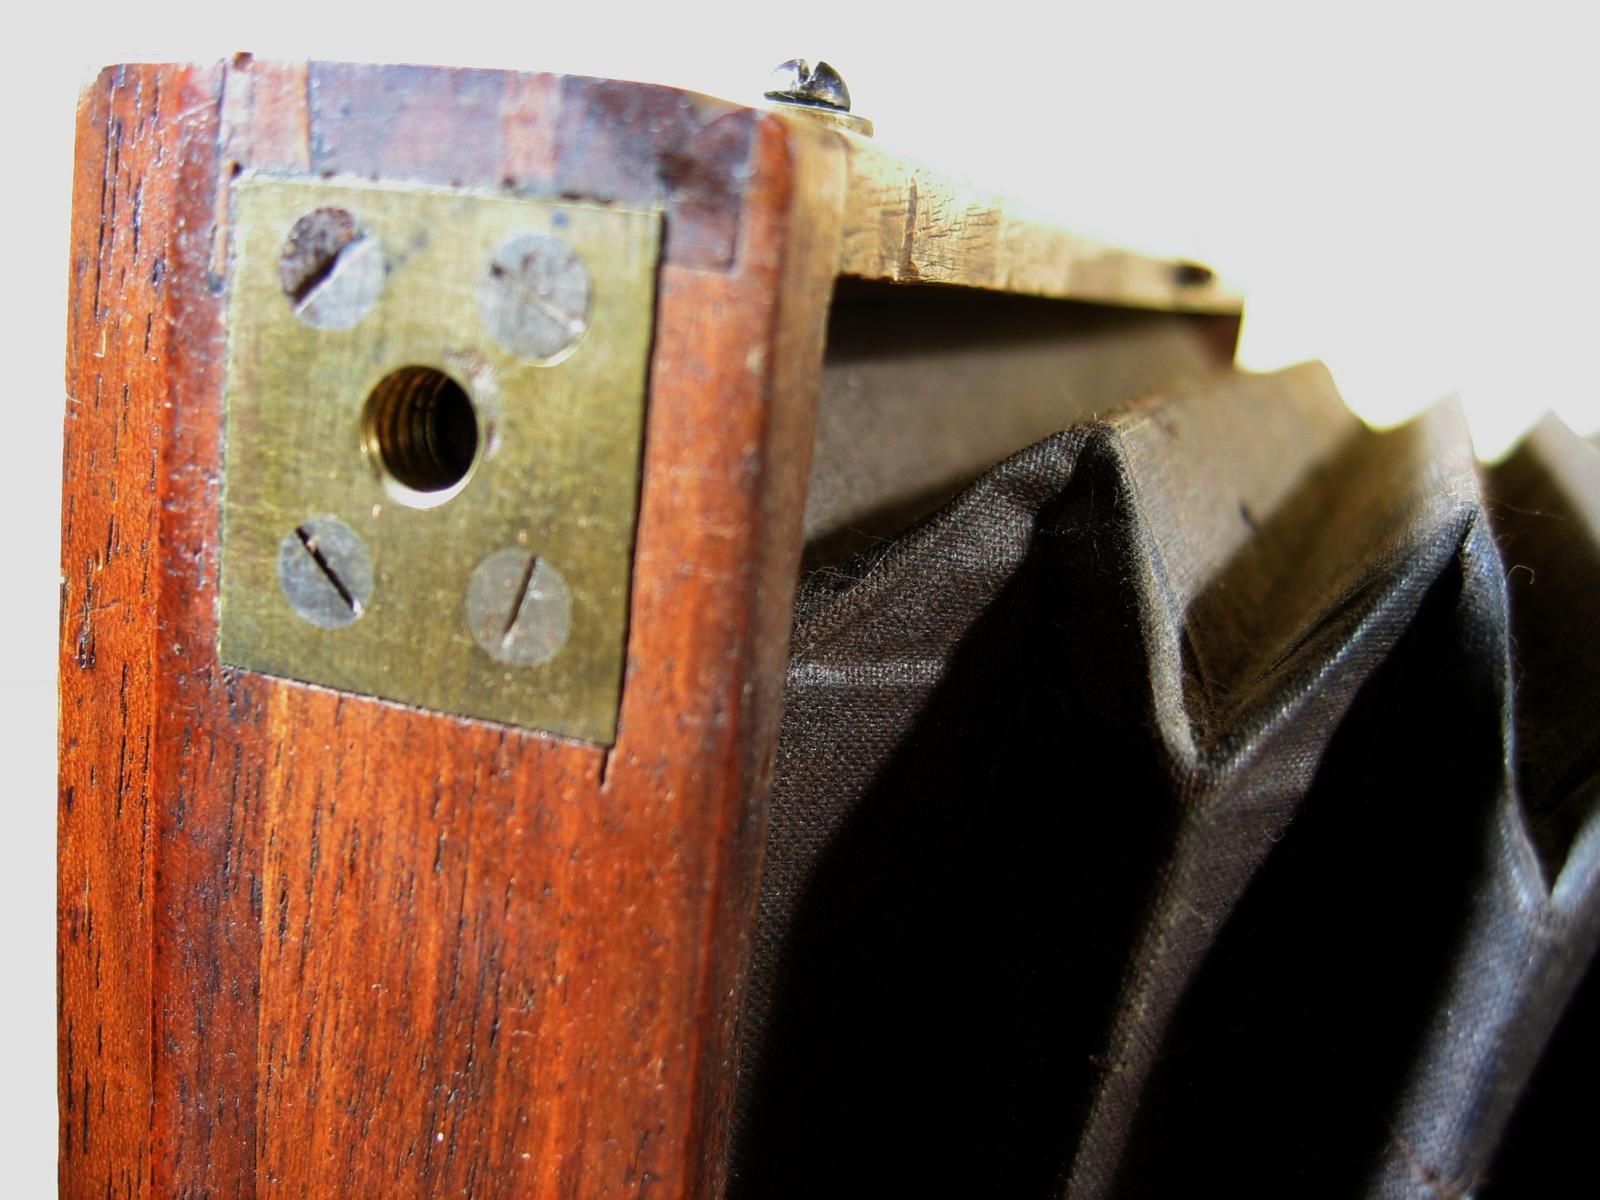 Wallpaper Appareils photos 0871-14 CARPENTIER Chambre collodion 18X24, collection AMI